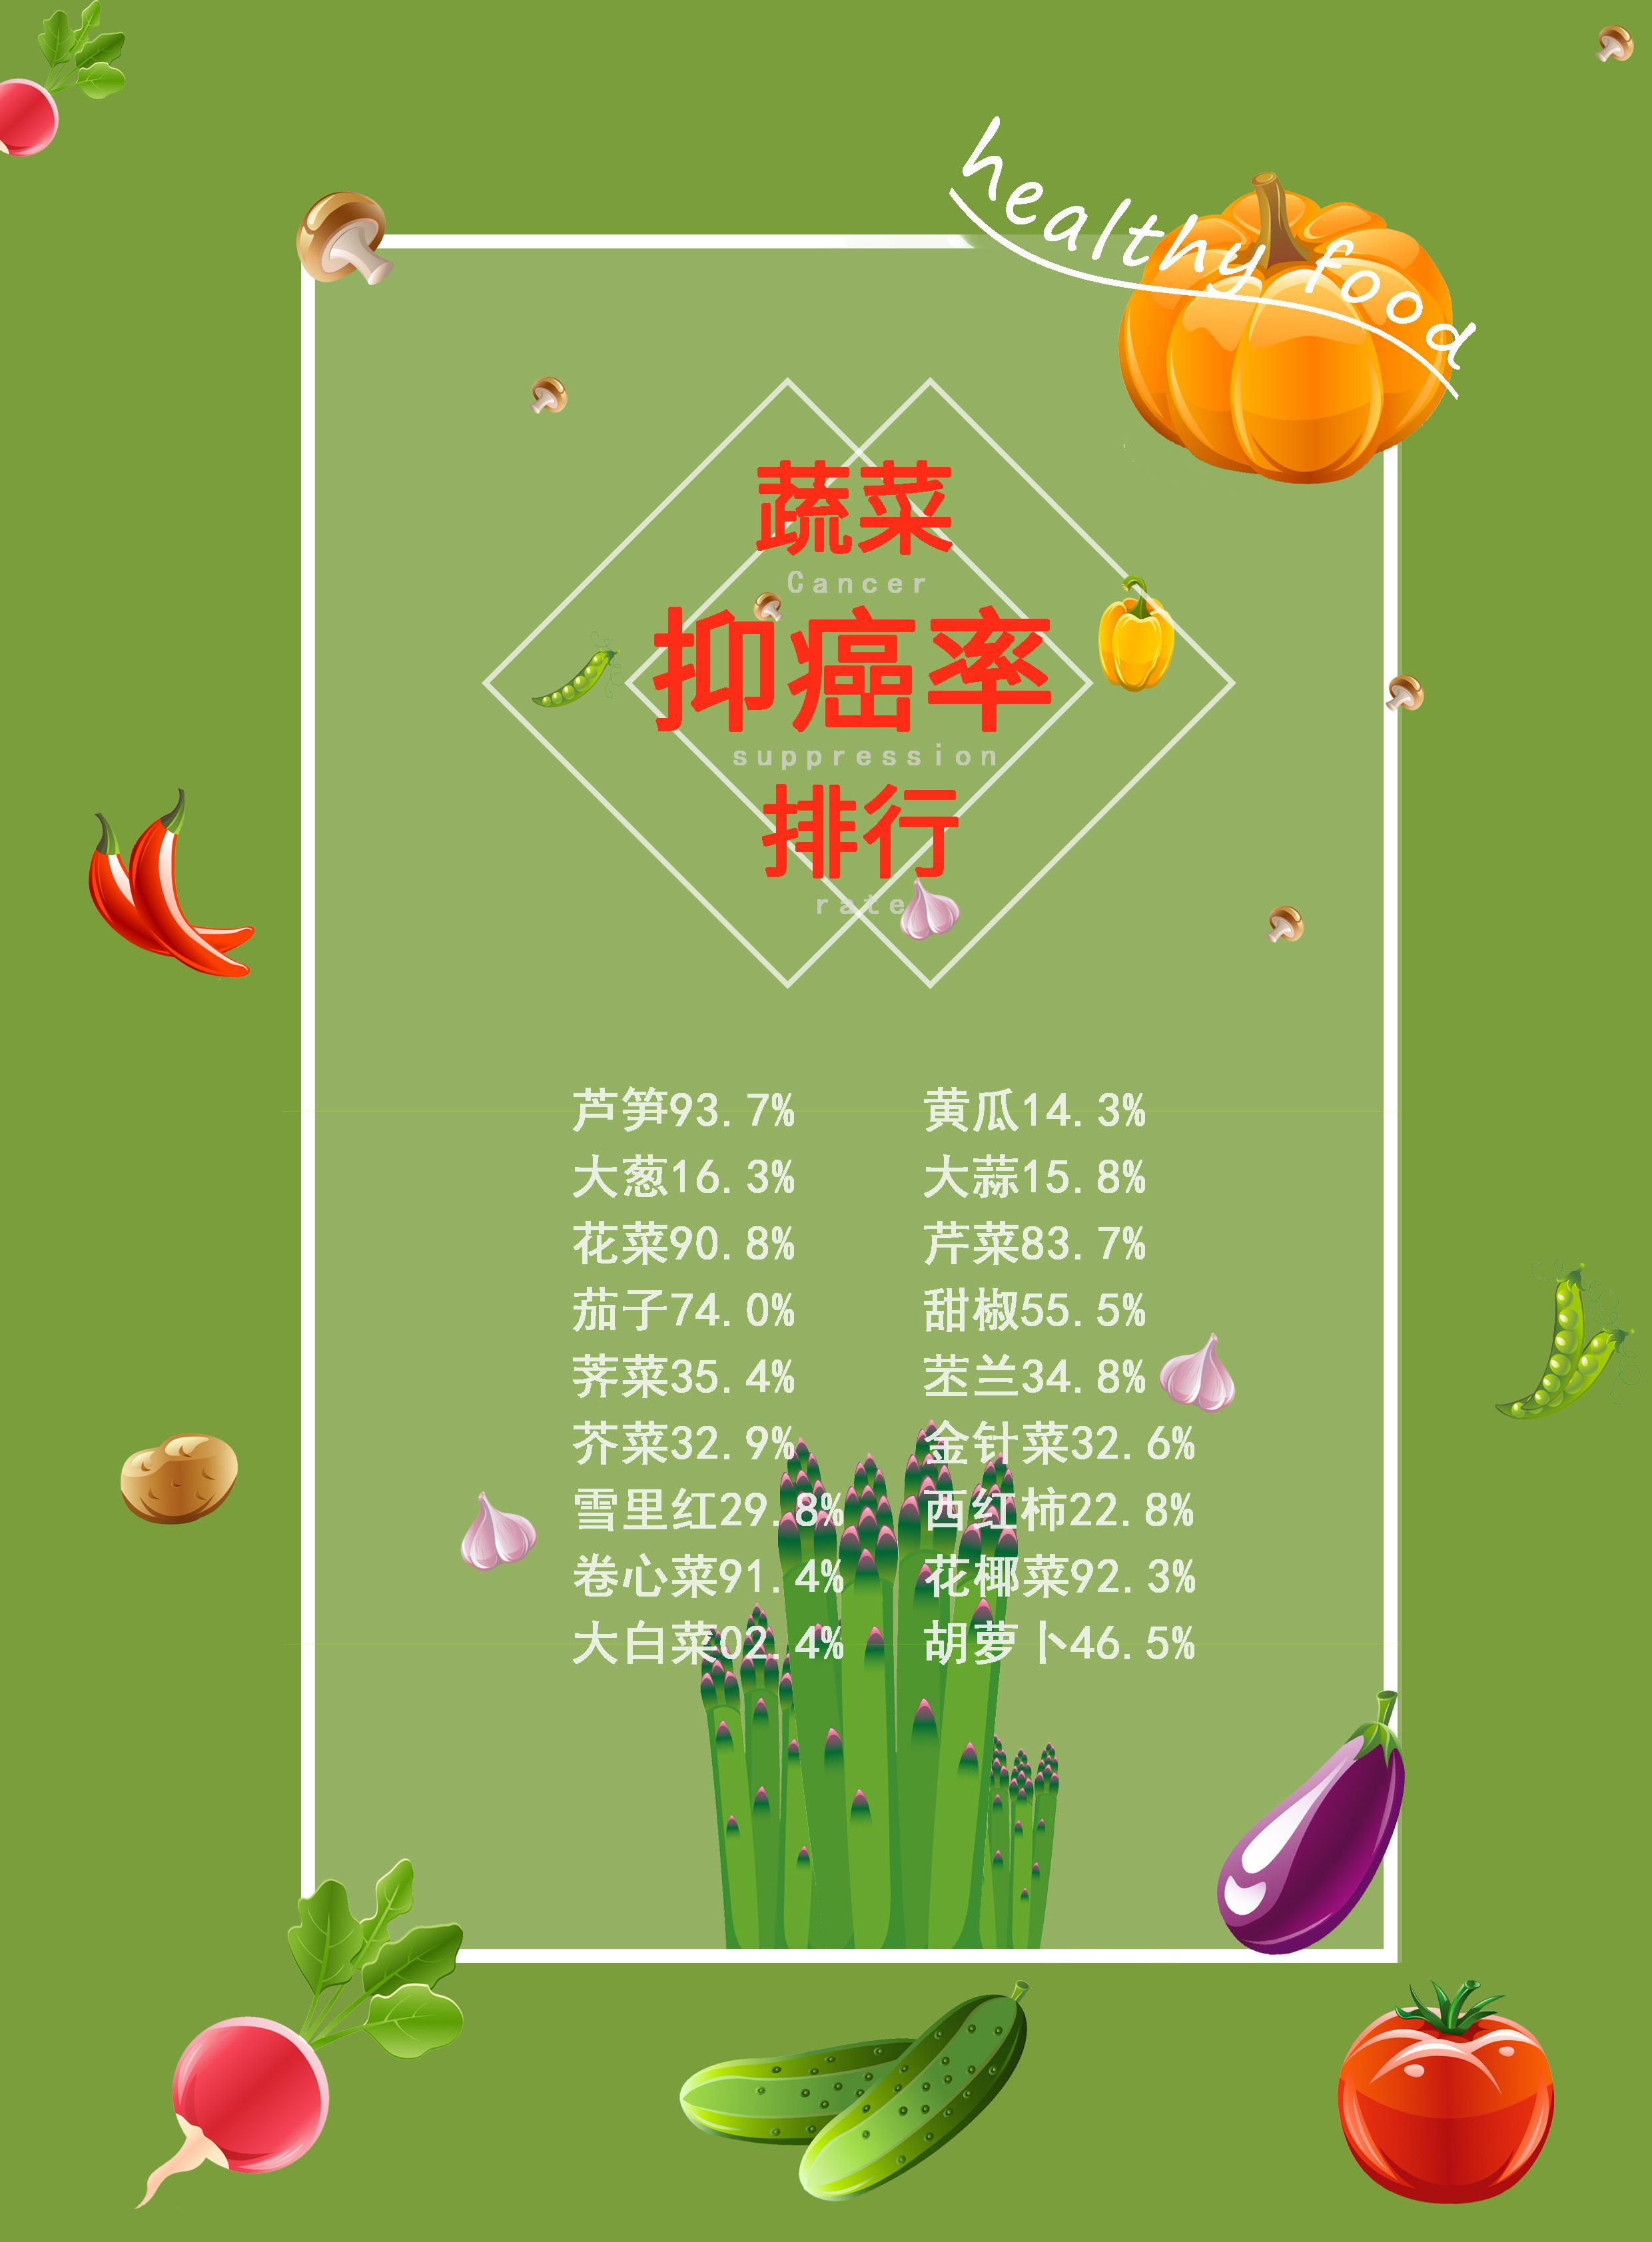 健康蔬菜食品海报